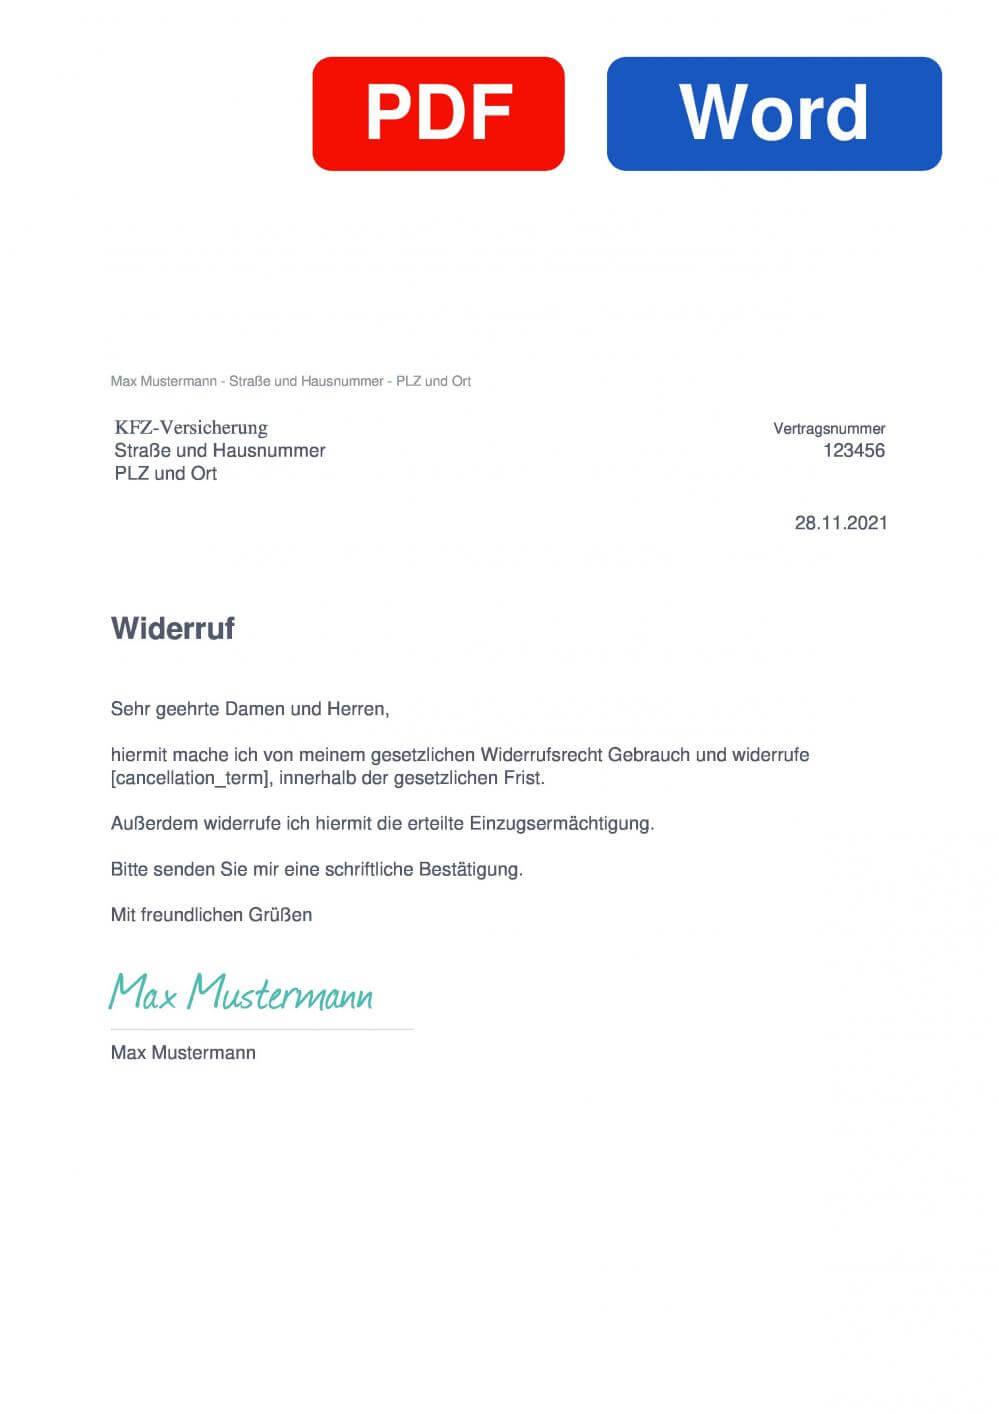 KFZ-Versicherung Muster Vorlage für Wiederrufsschreiben